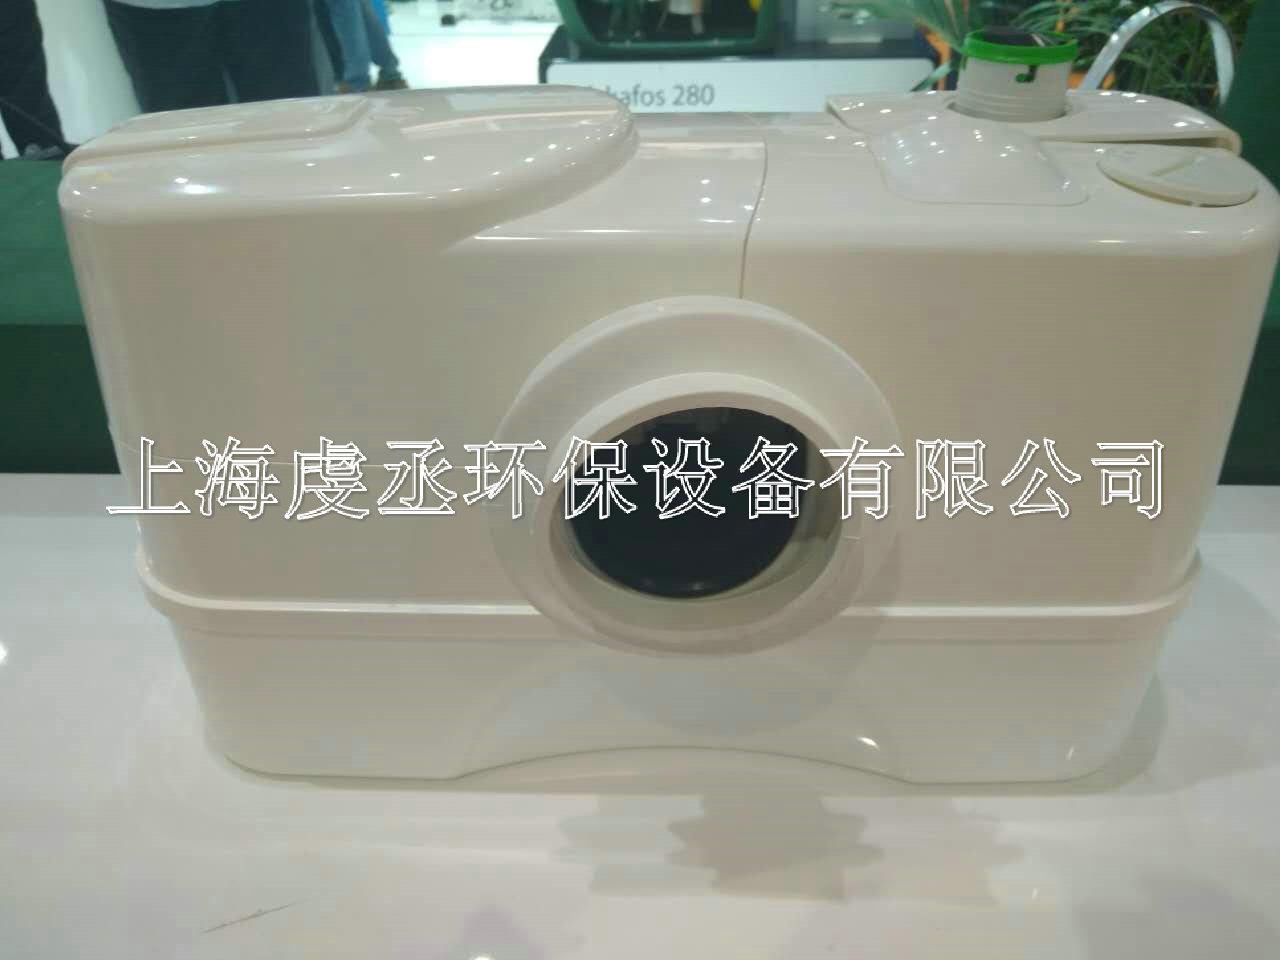 江苏污水提升装置 和谐共赢 上海虔丞环保设备供应